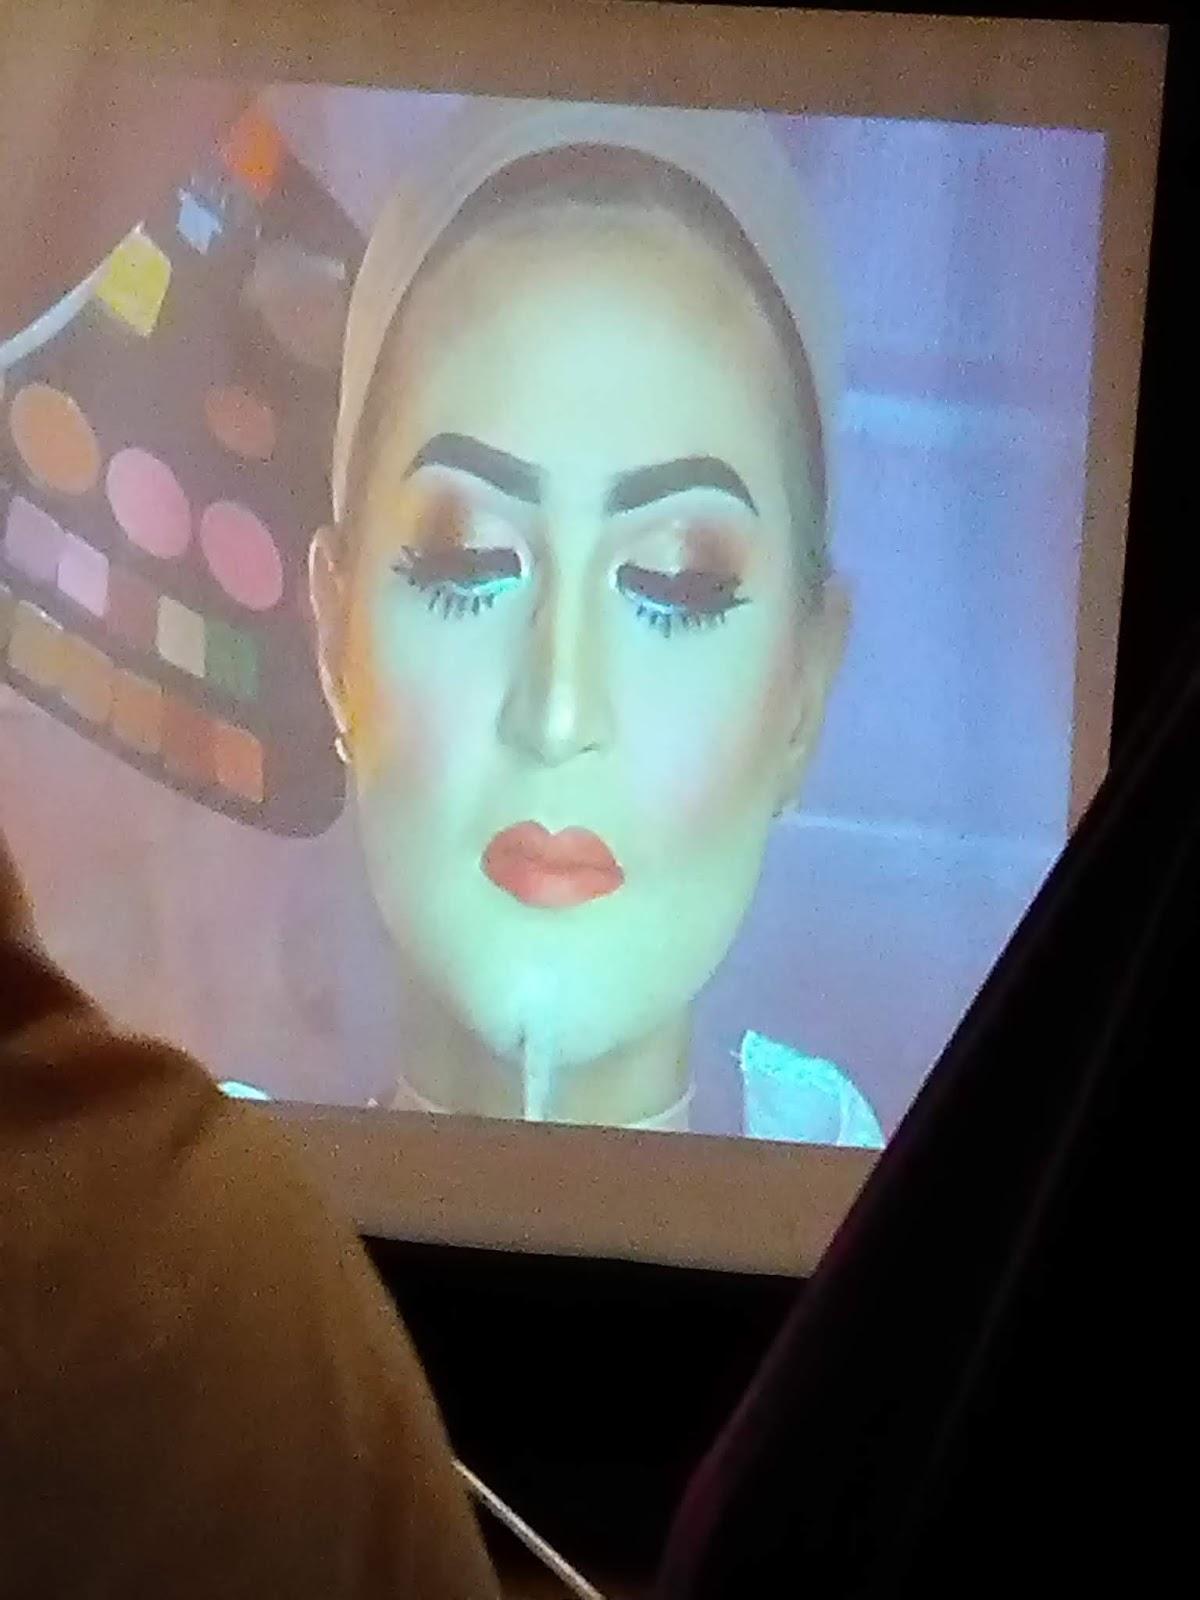 agar glowing khadijah azzahra